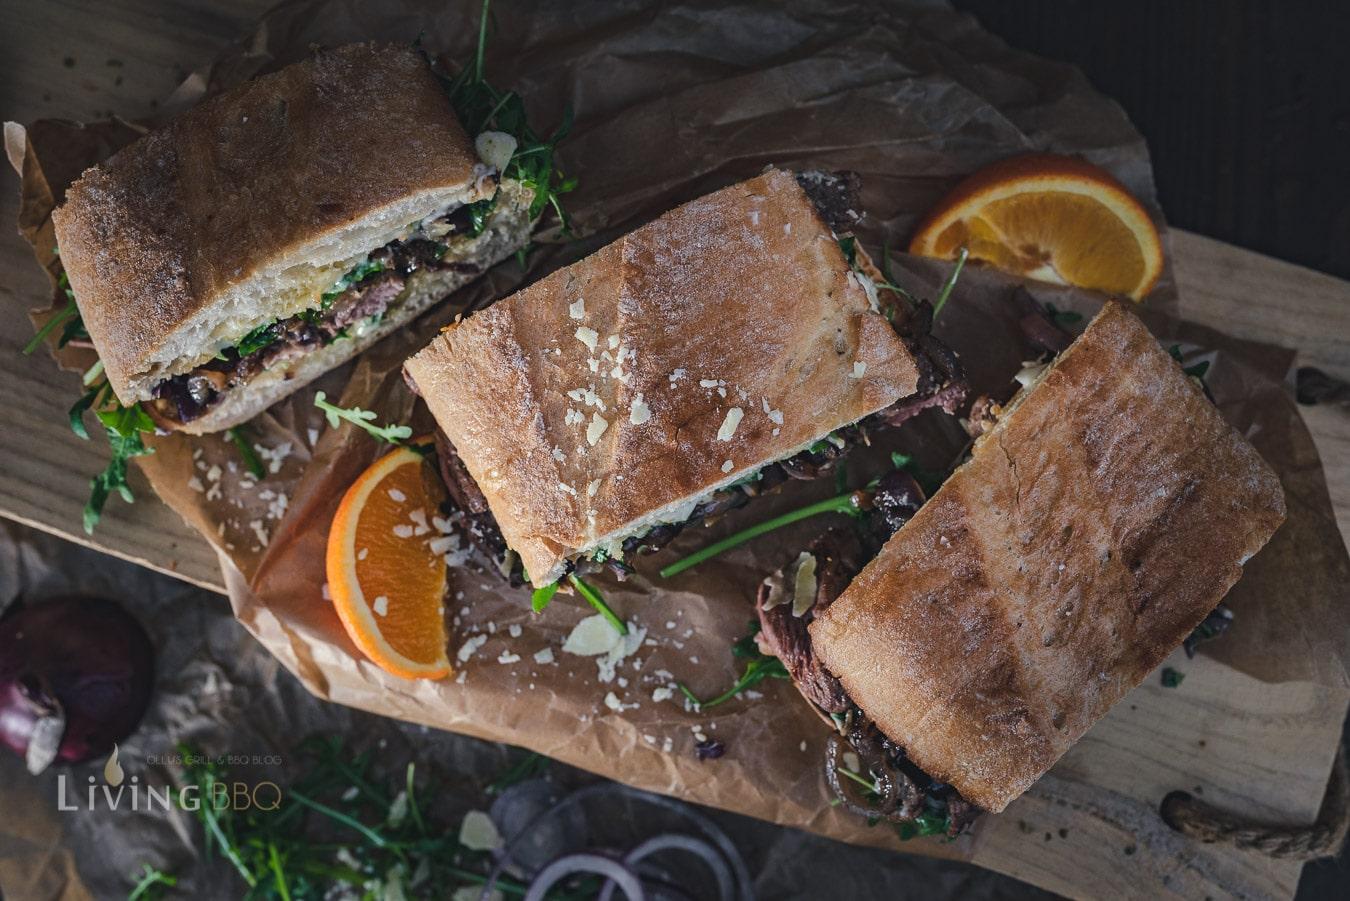 Entnebrust Sandwich servieren